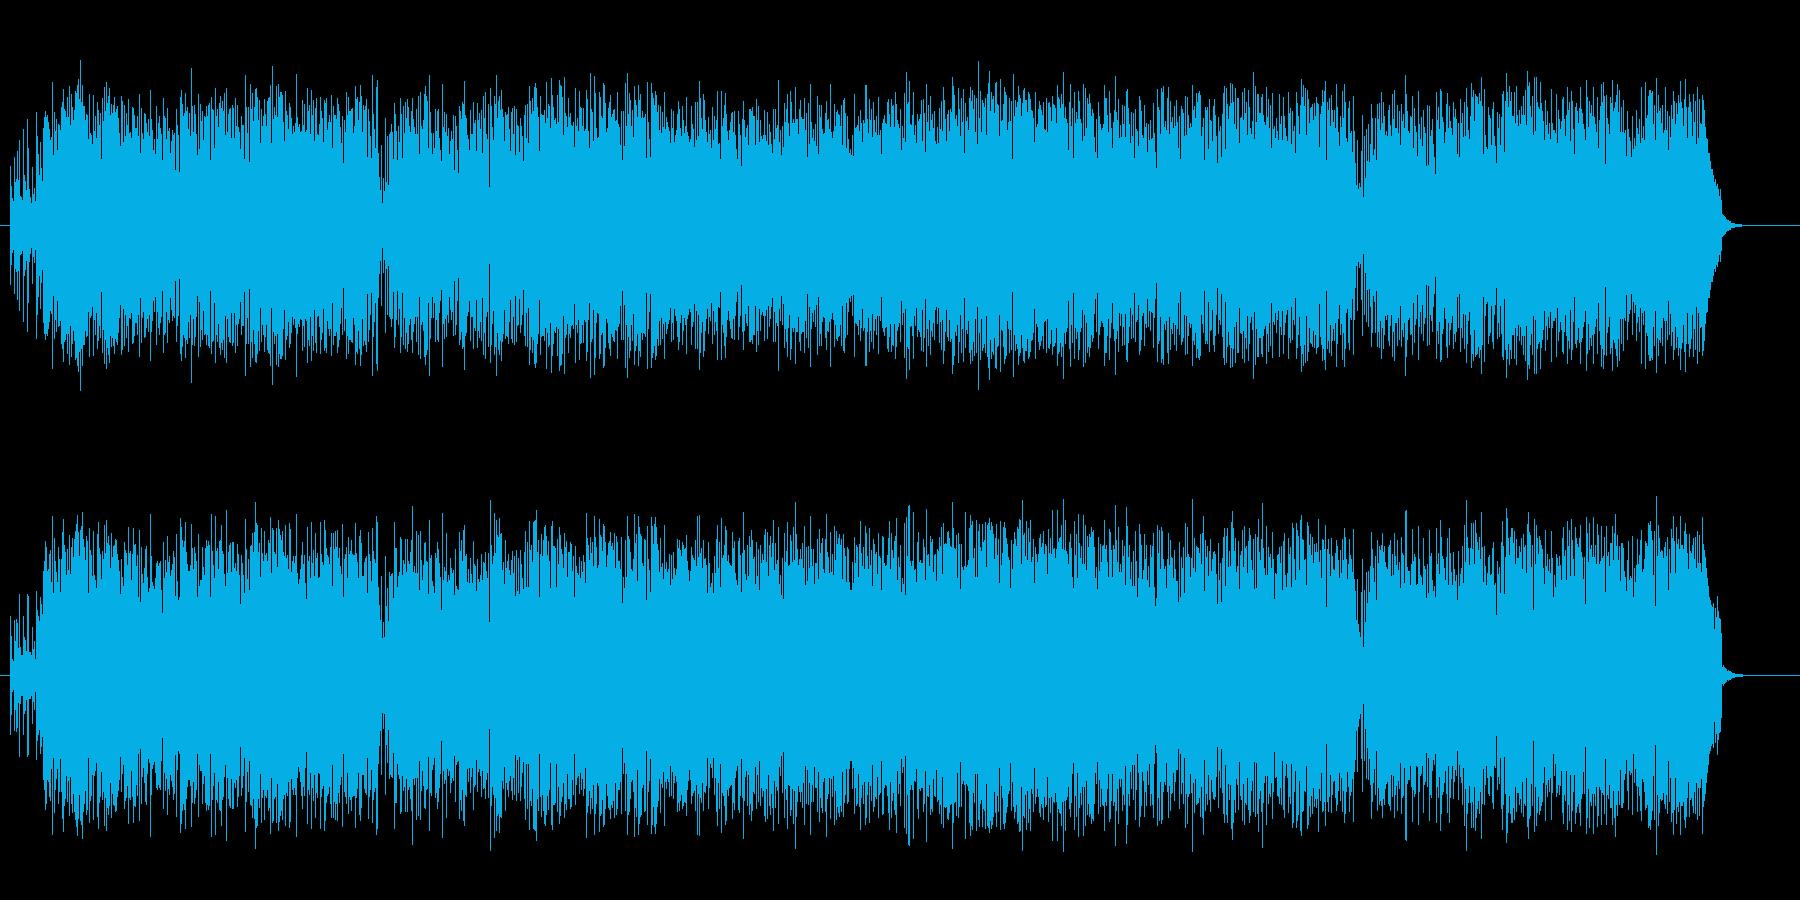 懐かしのGSサウンド風マイナー歌謡の再生済みの波形